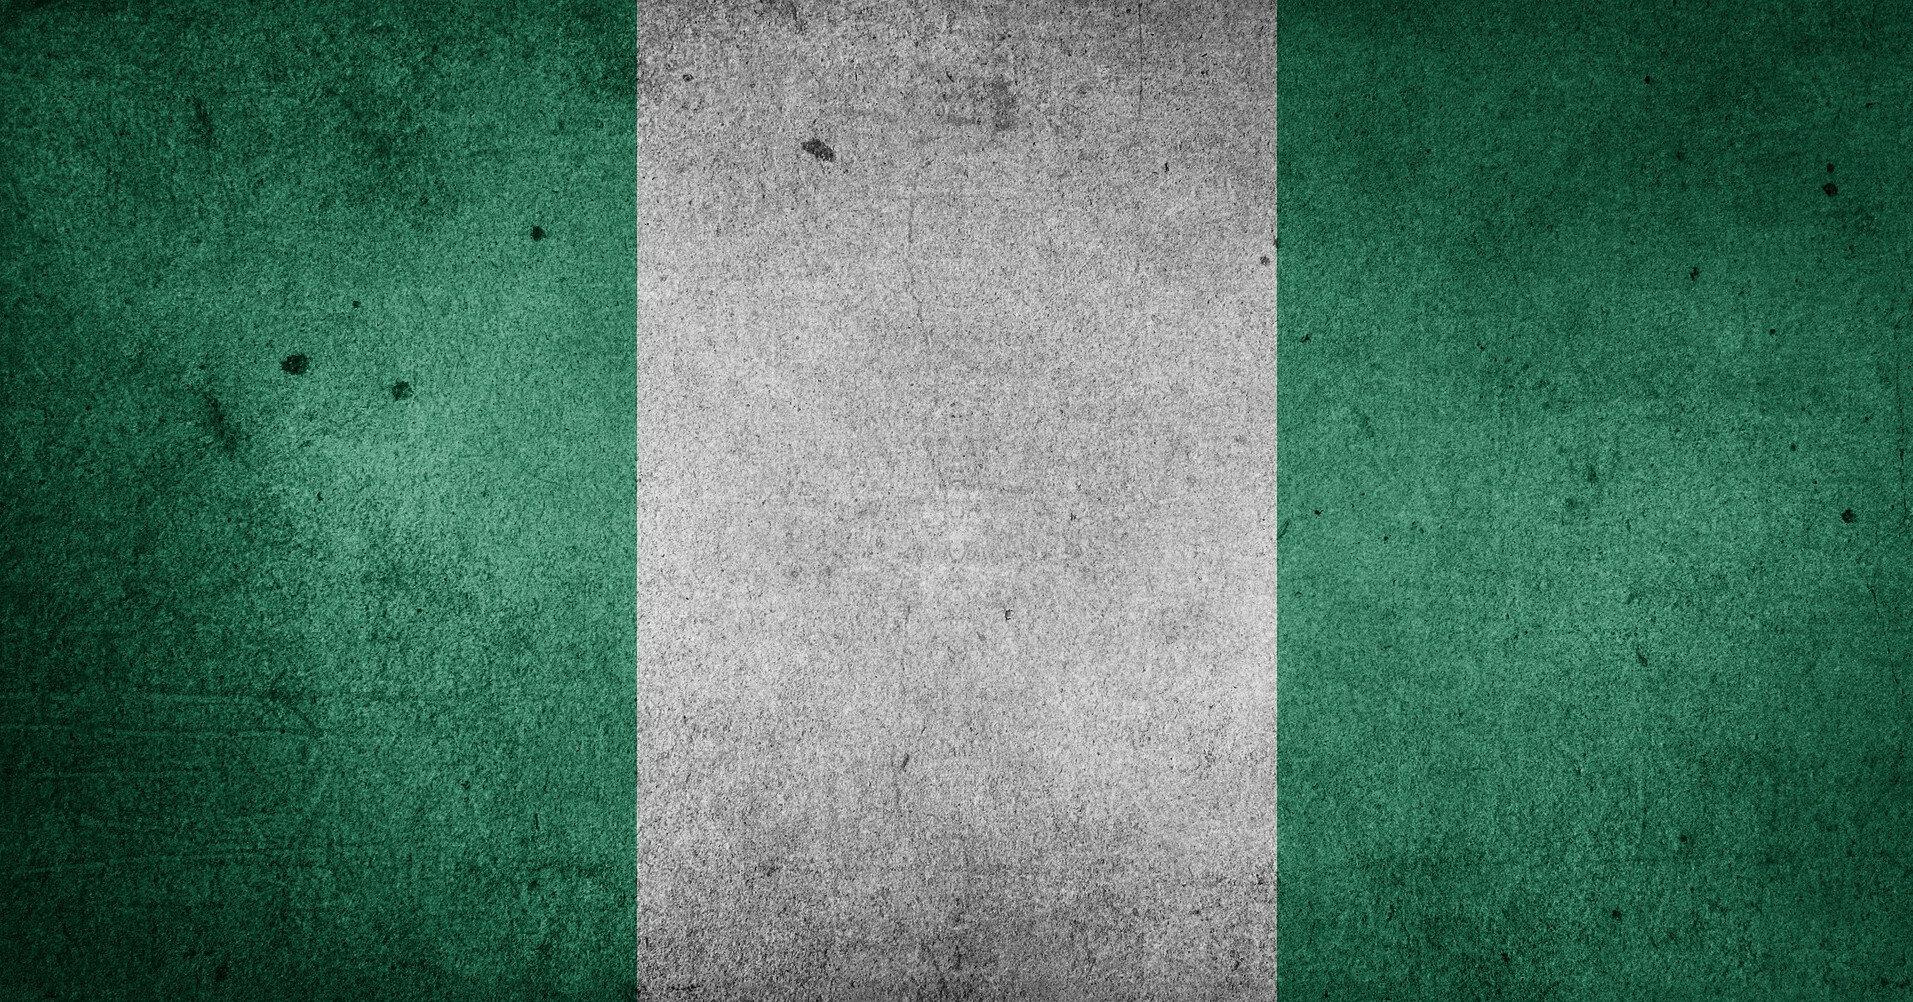 В Нигерии вооруженные люди похитили из школы 200 детей